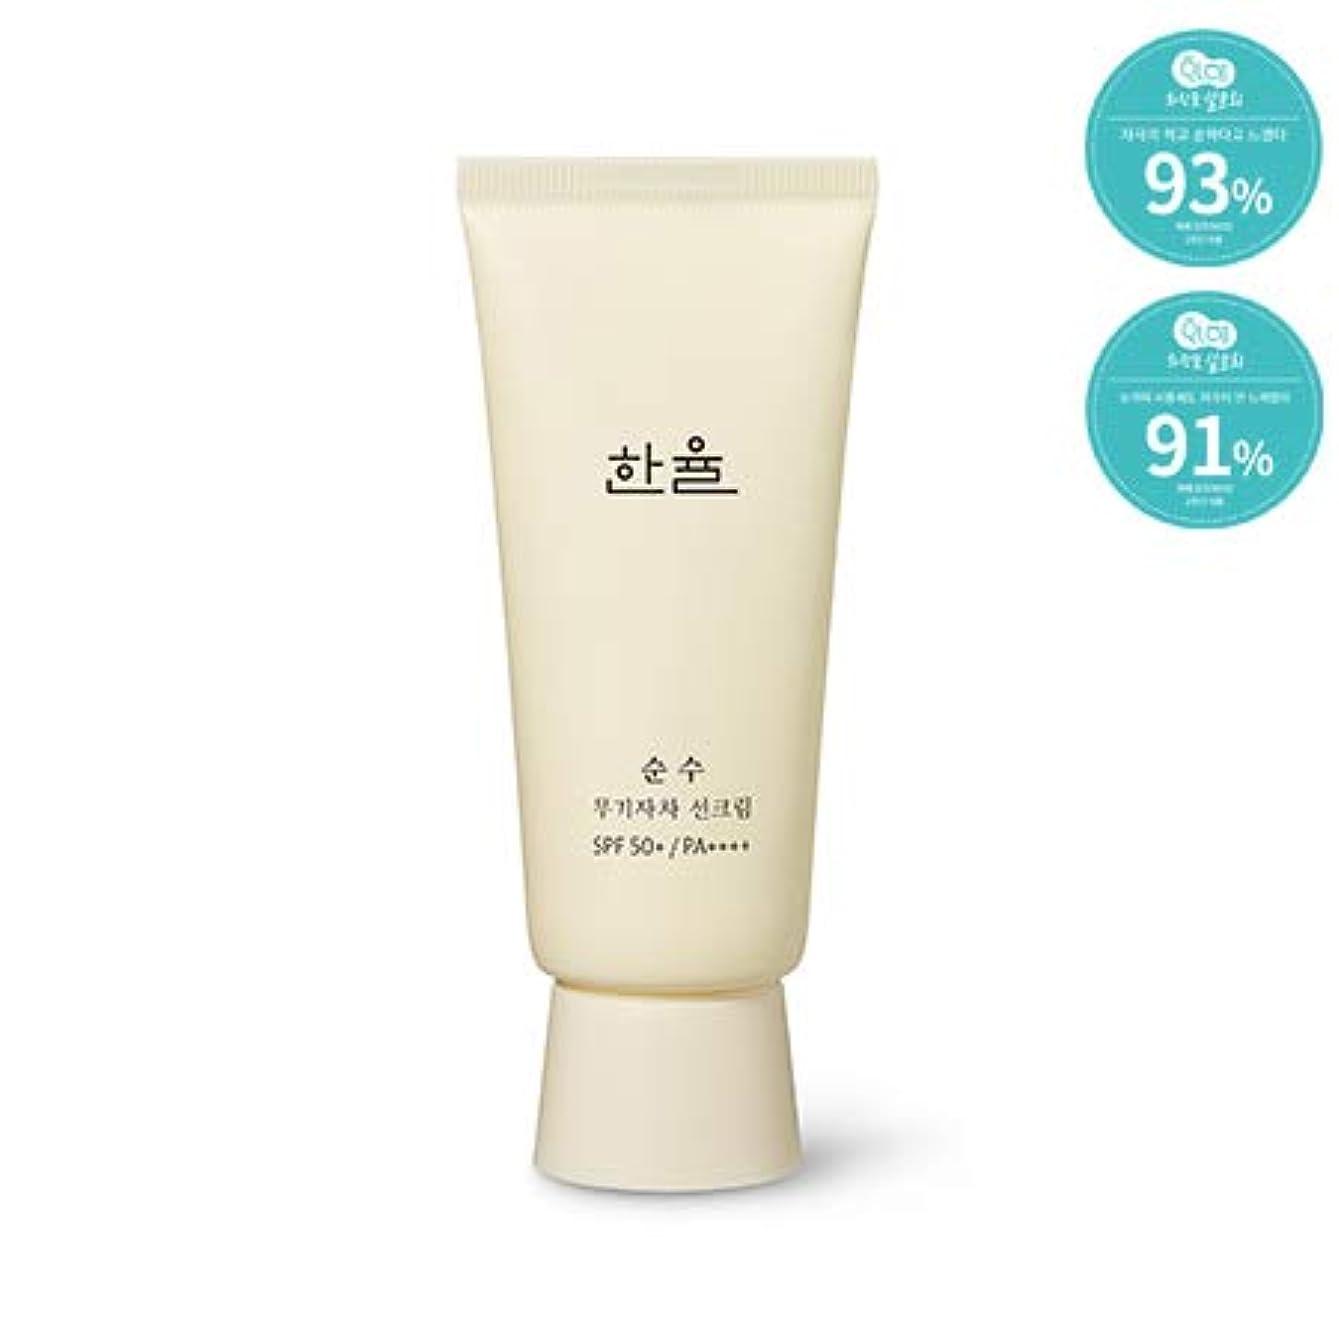 冗談で疲労熟読する[ハンユル.HANYUL]純粋な鉱物紫外線日焼け止めSPF50+/ PA++++ Hanyul Pure Sunscreen Cream SPF50+/ PA++++